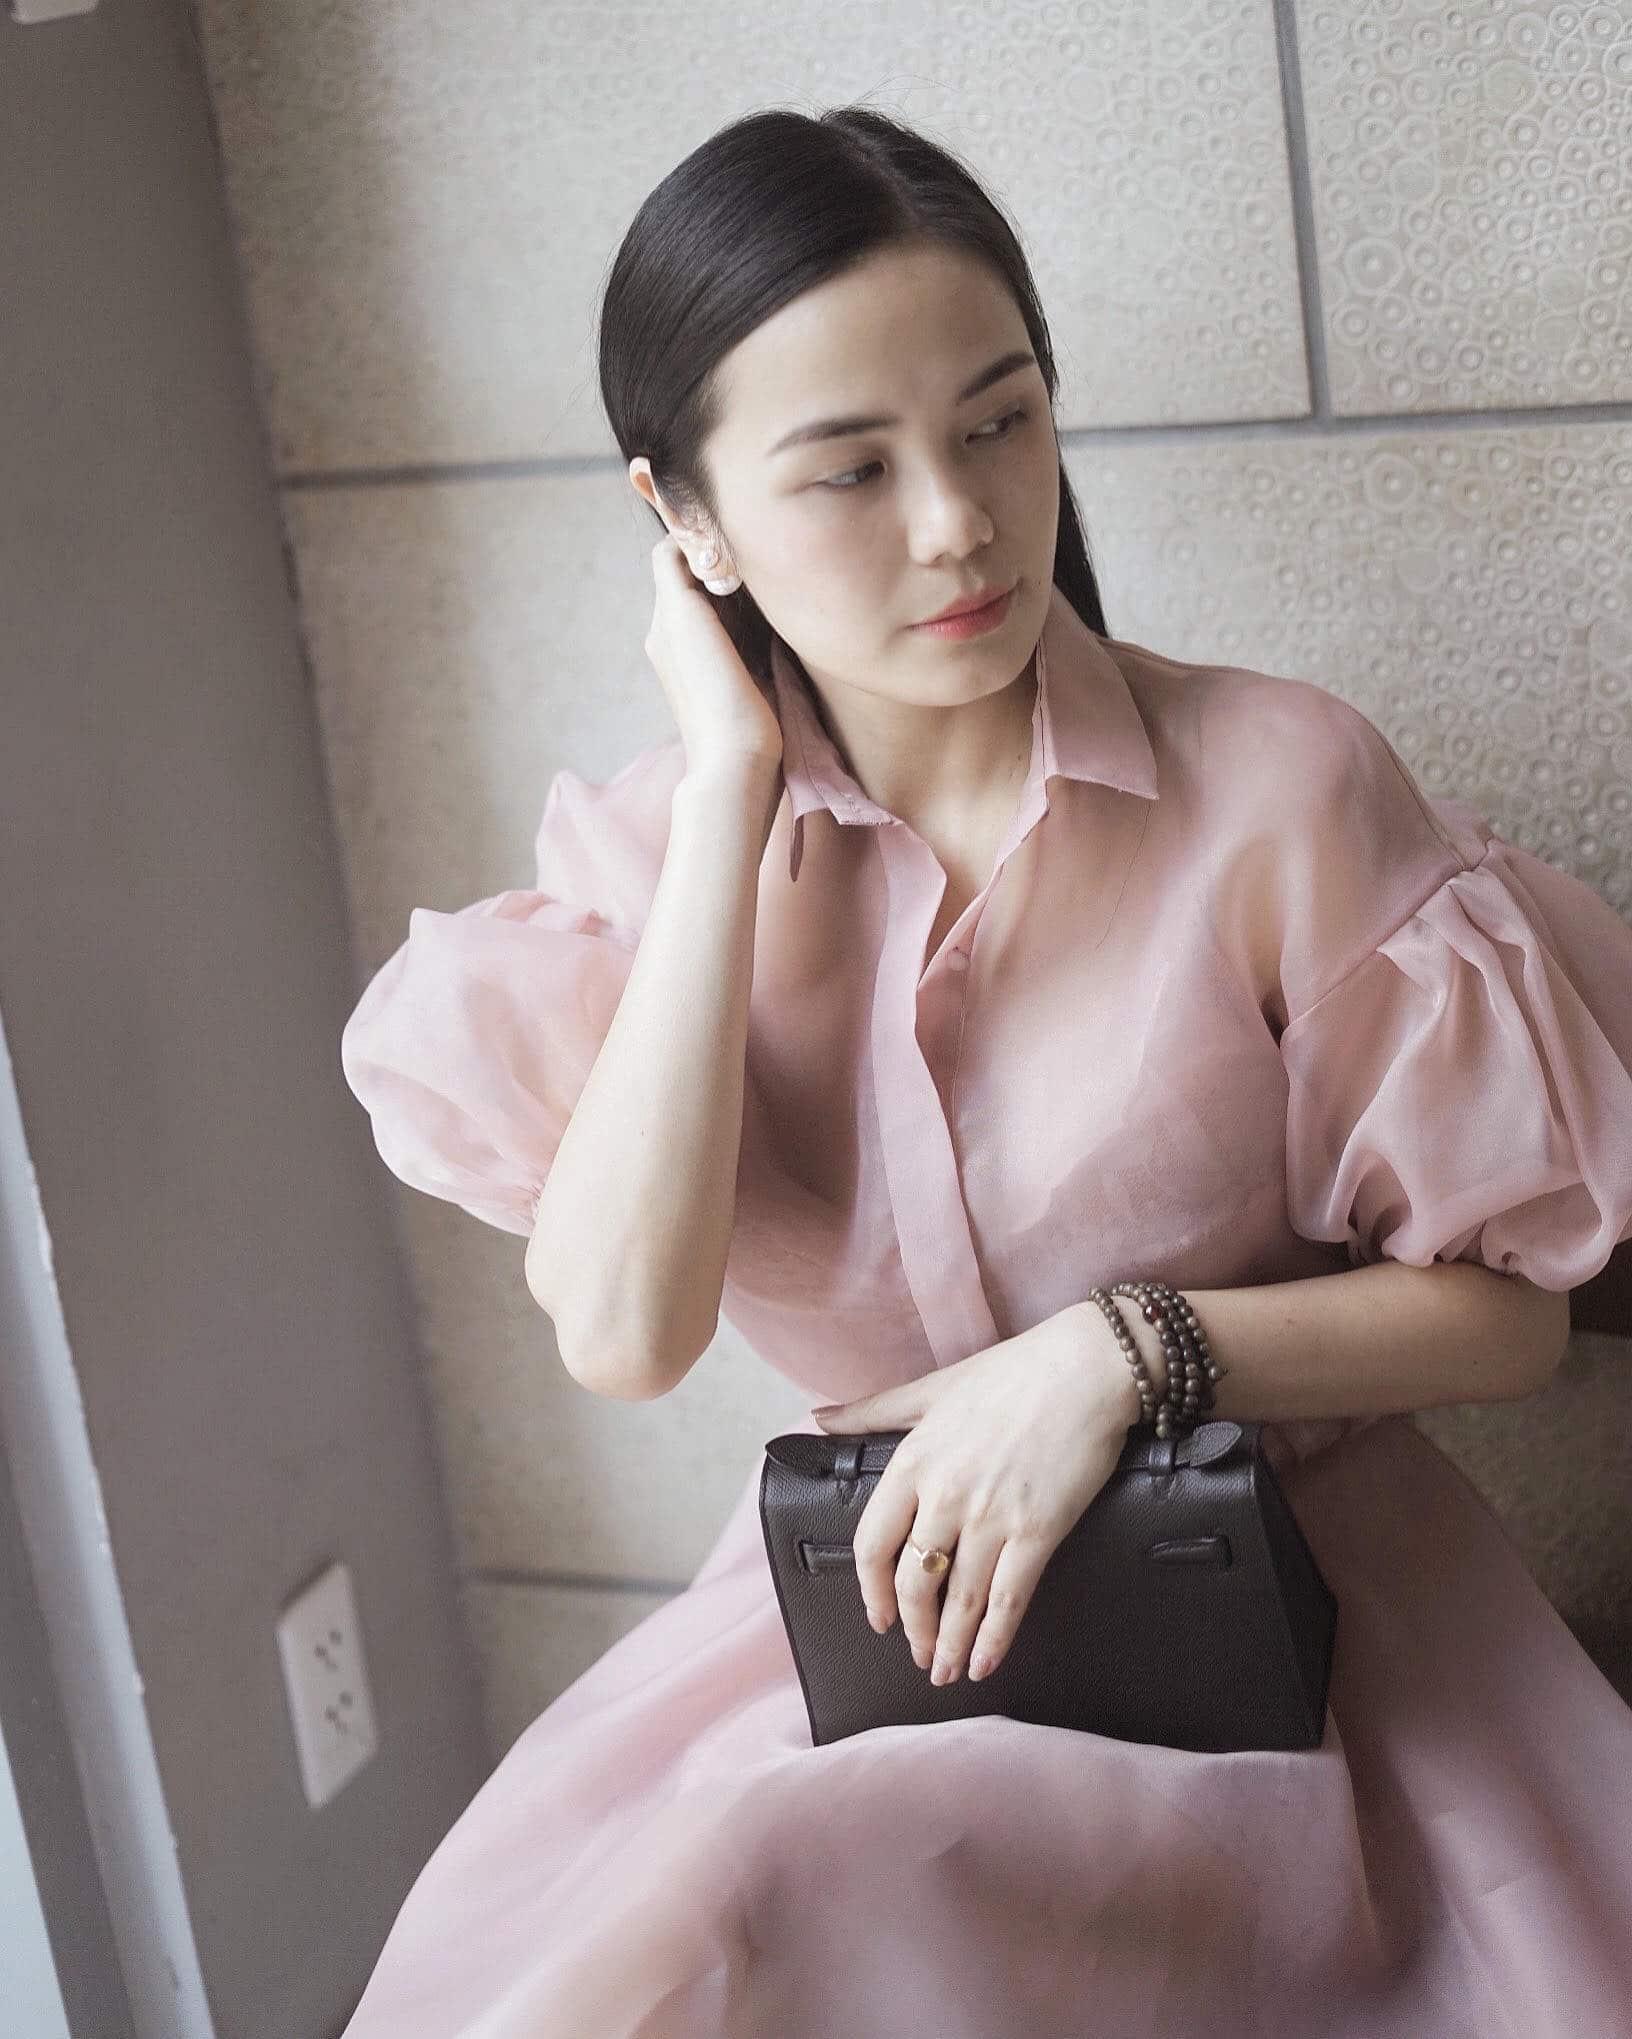 Image #2 from Hong Hanh